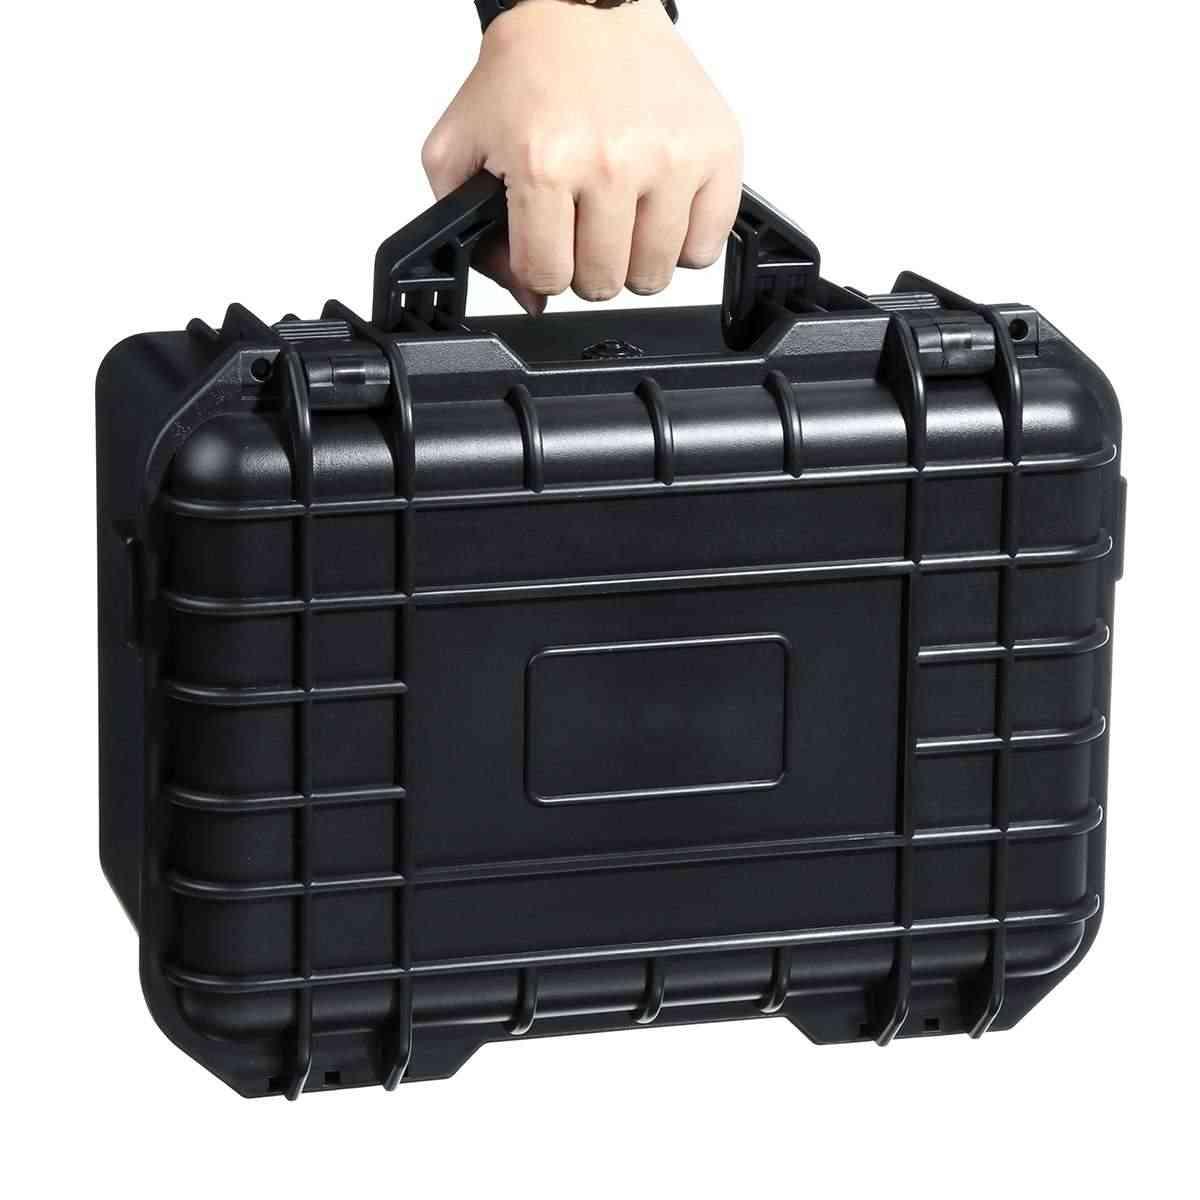 Водонепроницаемый защитный ящик для инструментов портативный герметичный инструмент коробка оборудование ударопрочный ящик для инструментов чемодан Контейнер для инструментов